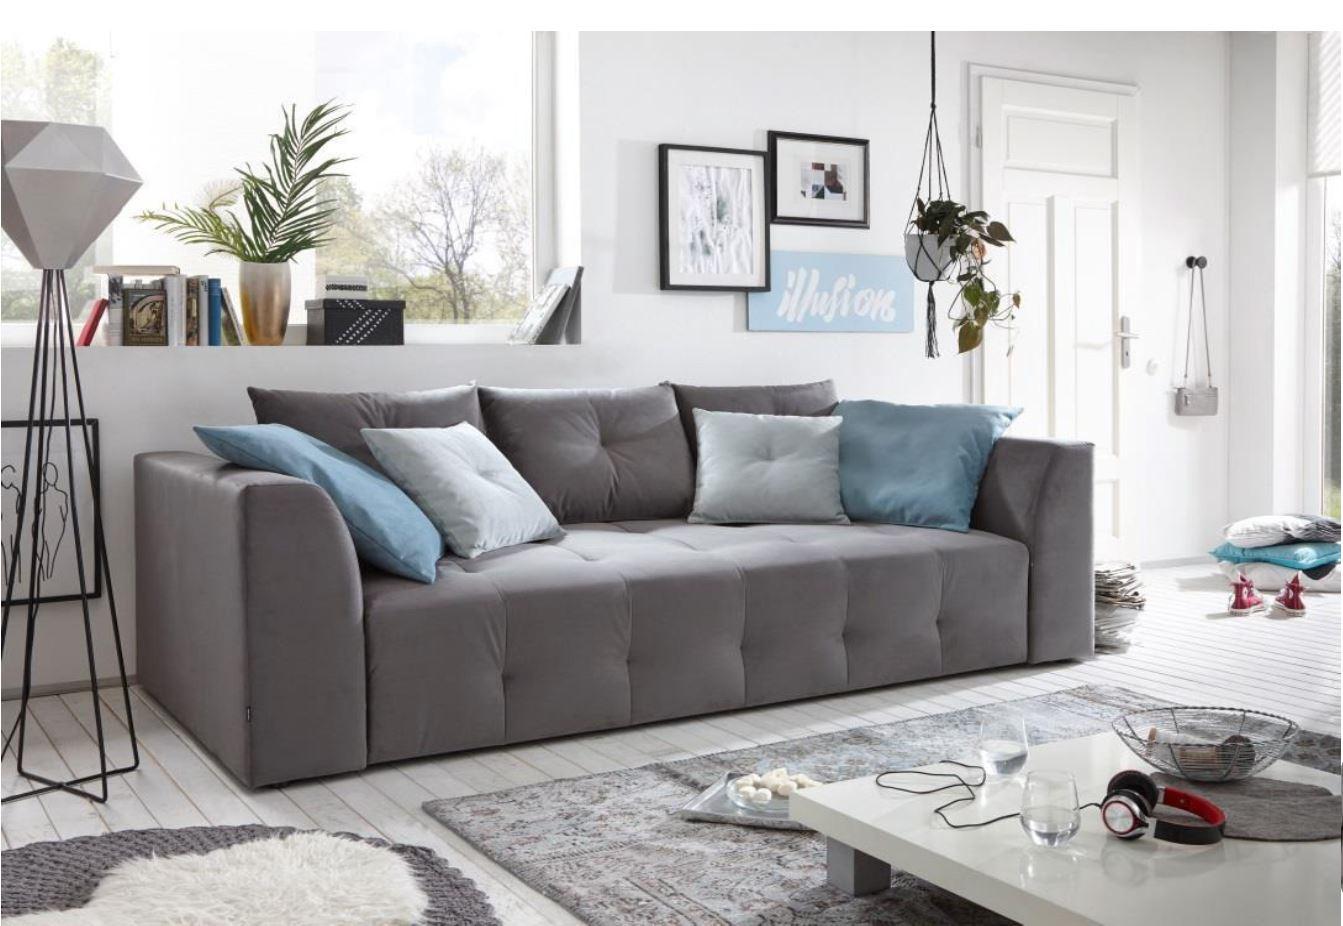 Couch schlafsofa sofabett funktionssofa ausziehbar grau for Wohnlandschaft ausziehbar